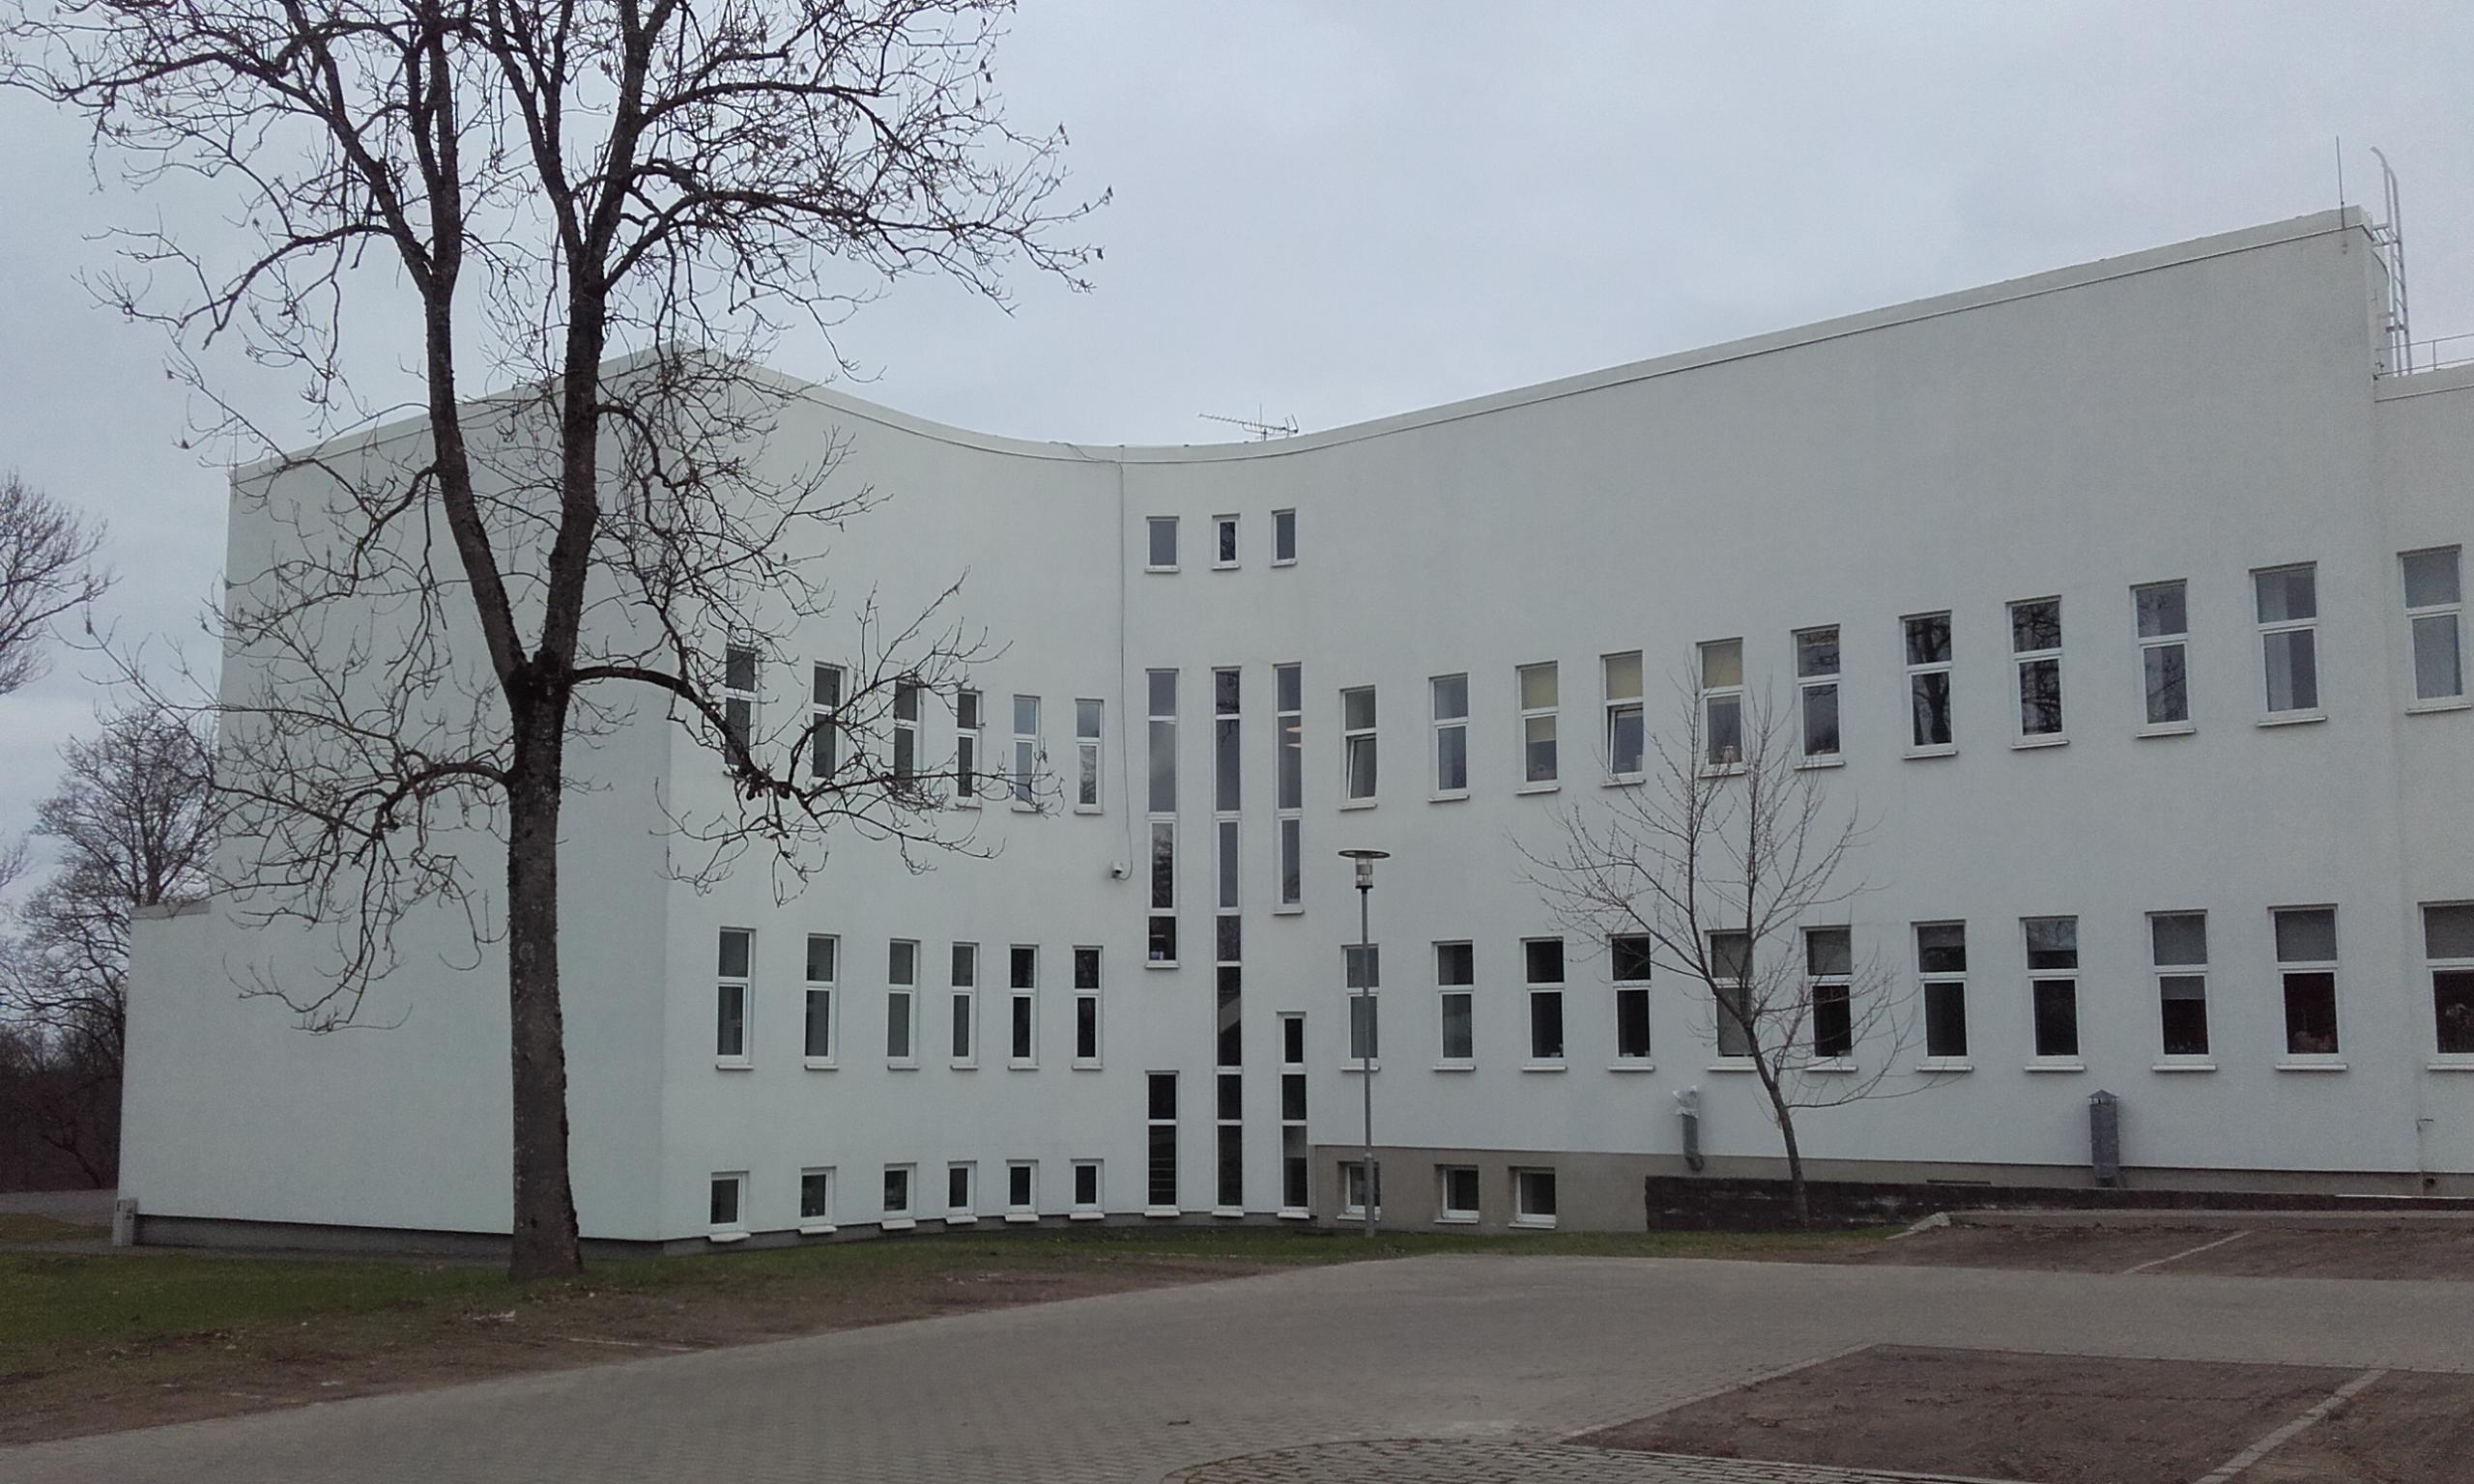 La escuela de artes de Sigulda